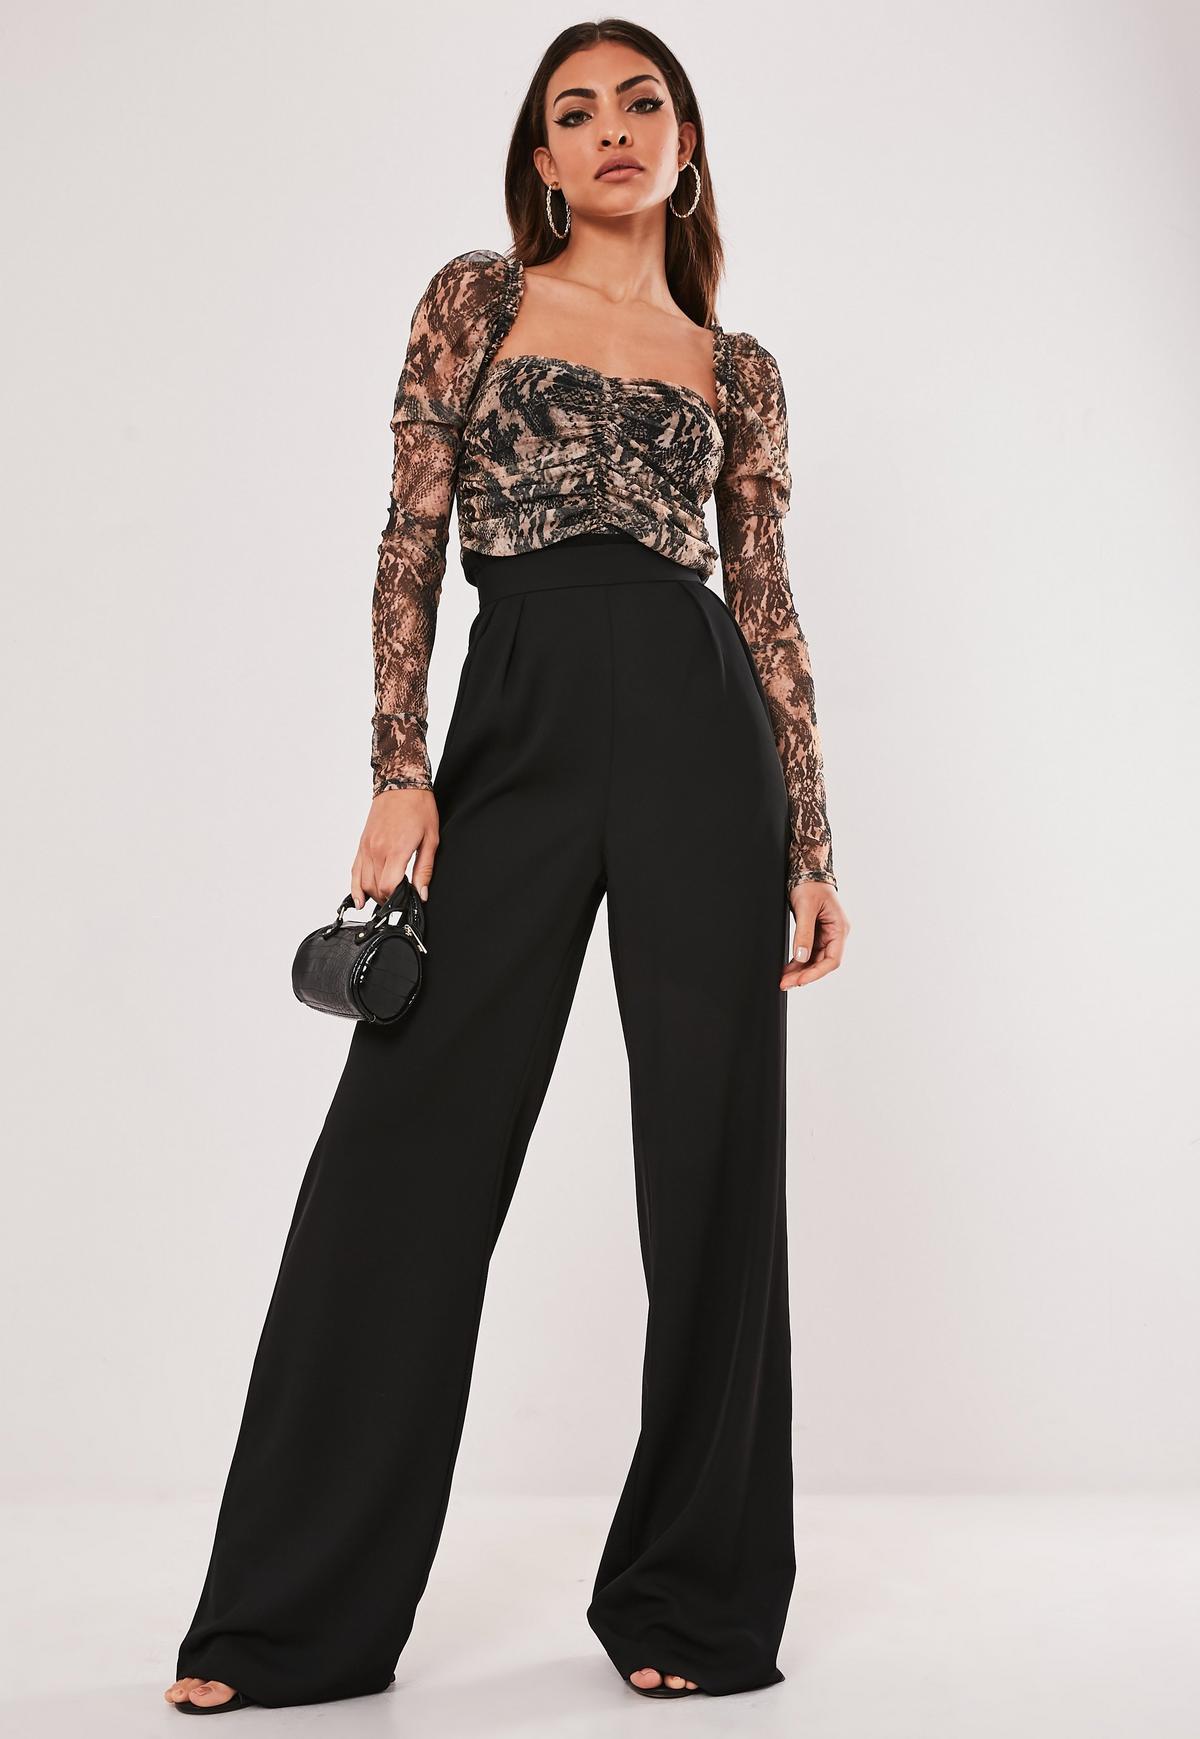 online retailer shop online store Petite Black Wide Leg Pants | Missguided